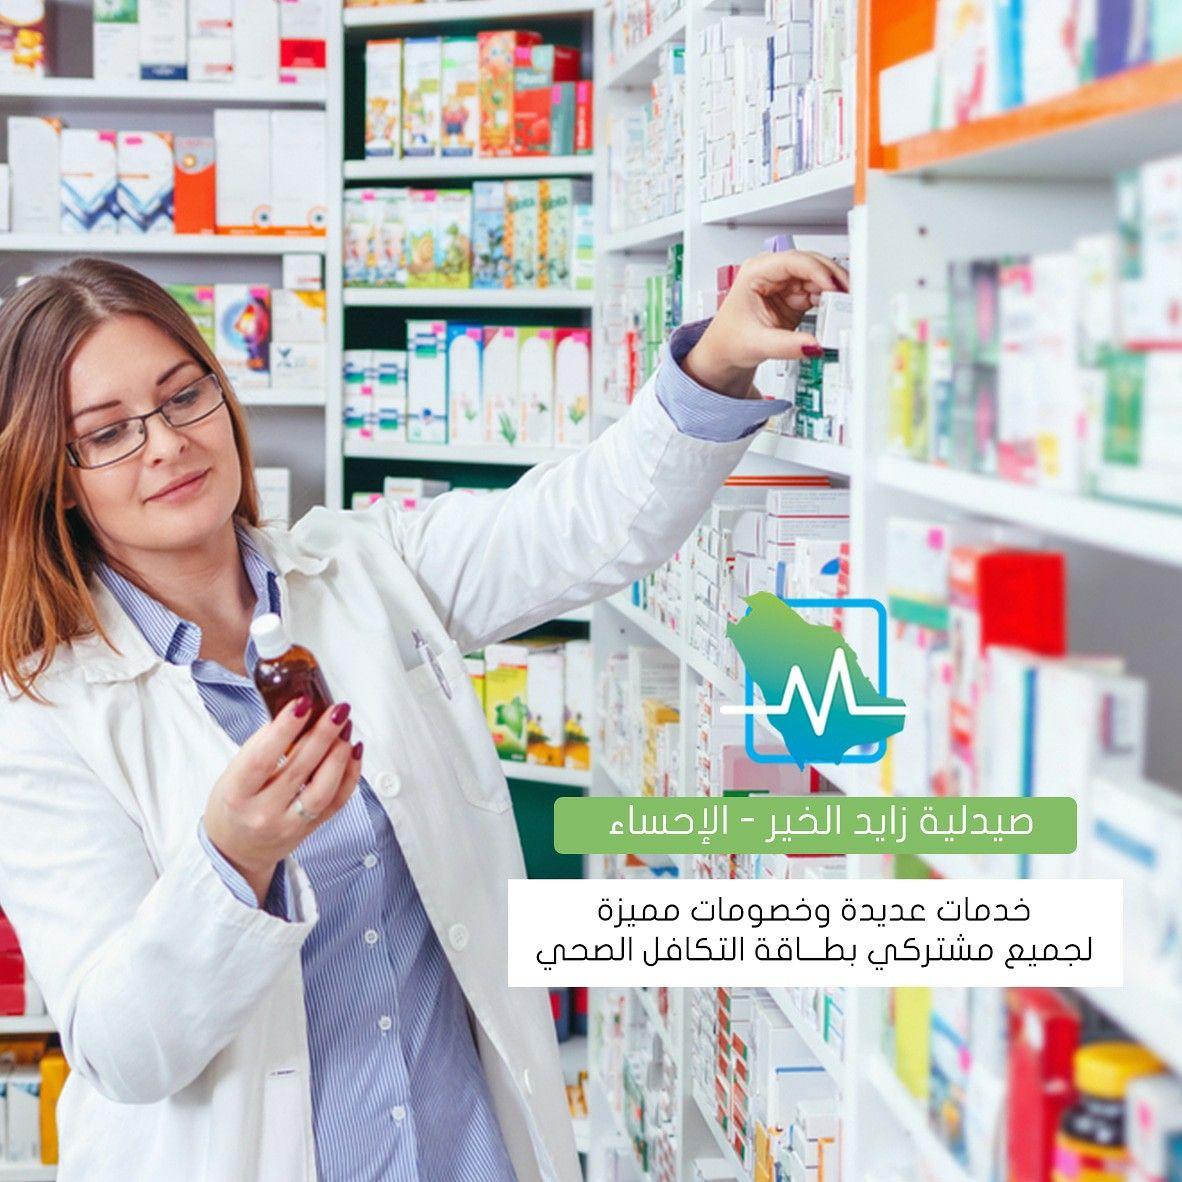 احصل على خصم 5 على بطاقة التكافل الصحي على كافة منتجات الصيدلية ما عدا الحليب والحفائض في صيدلية زايد الخير الإحساء أدوية دواء Health Insurance Lab Coat